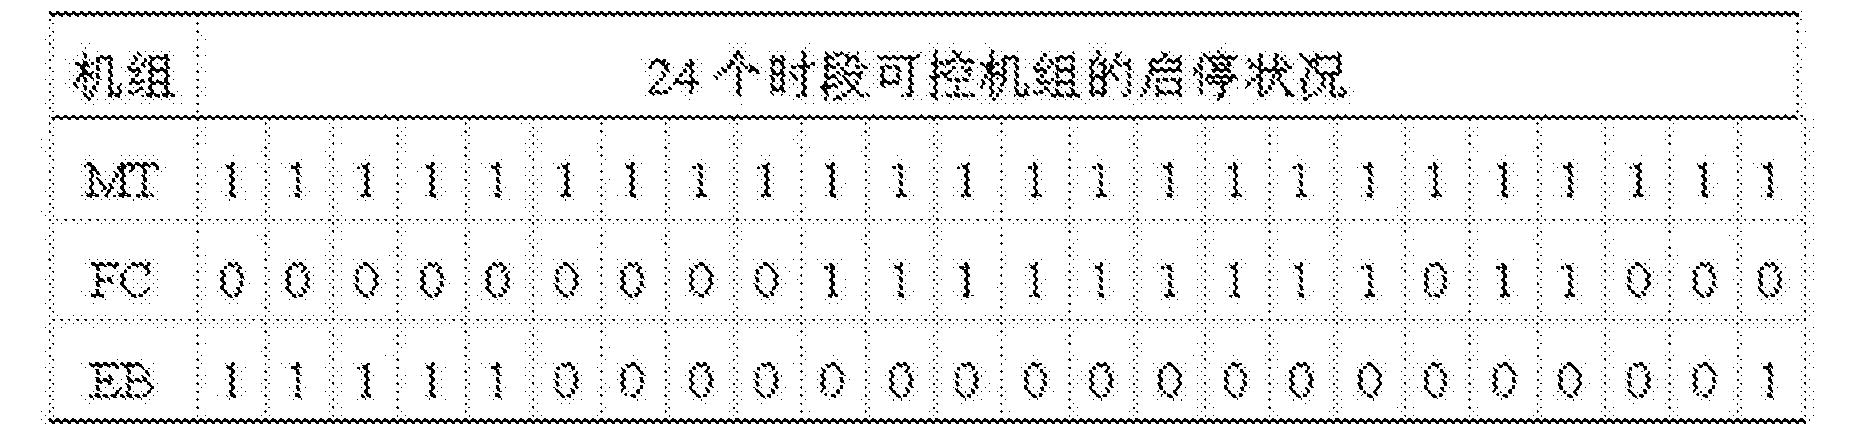 Figure CN104734168BD00143